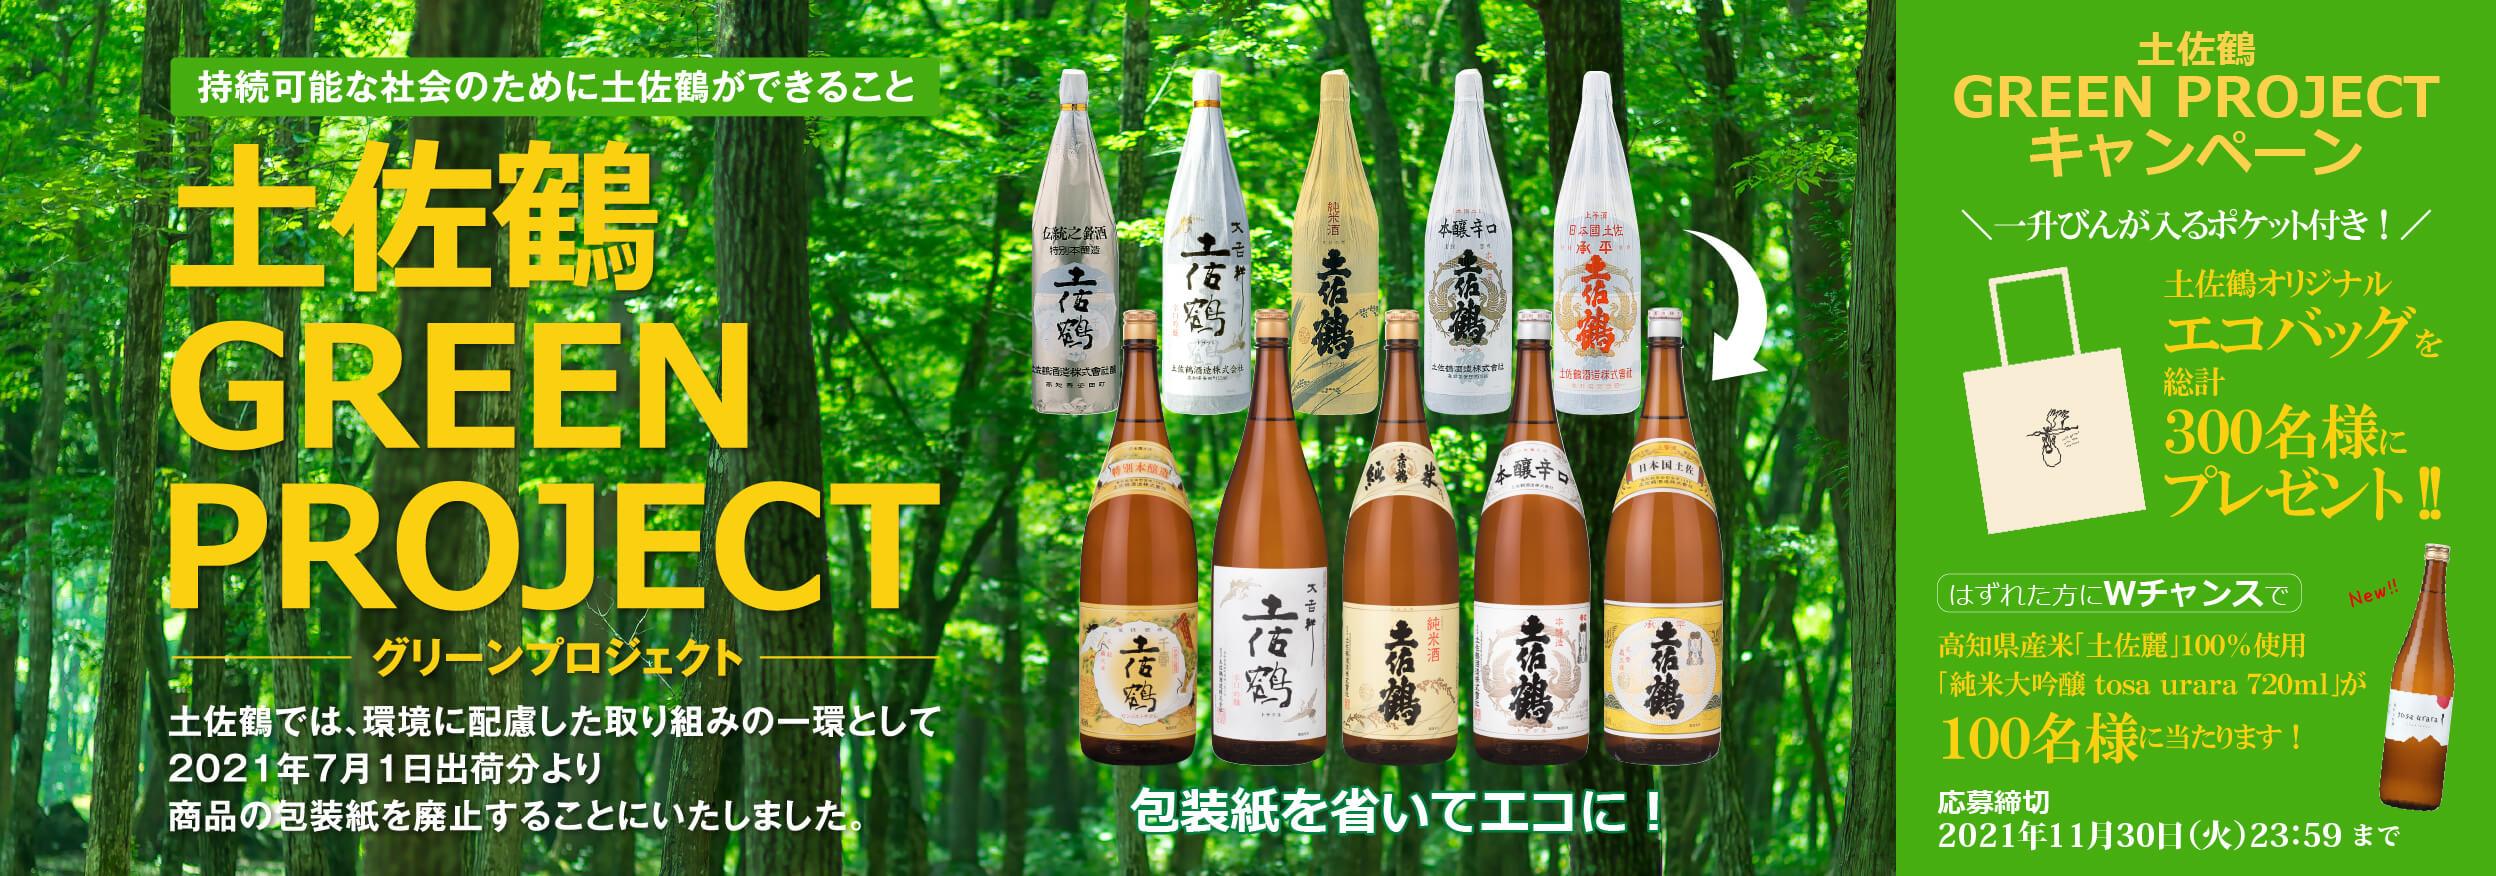 土佐鶴 GREEN PROJECT キャンペーン|土佐鶴オンライン